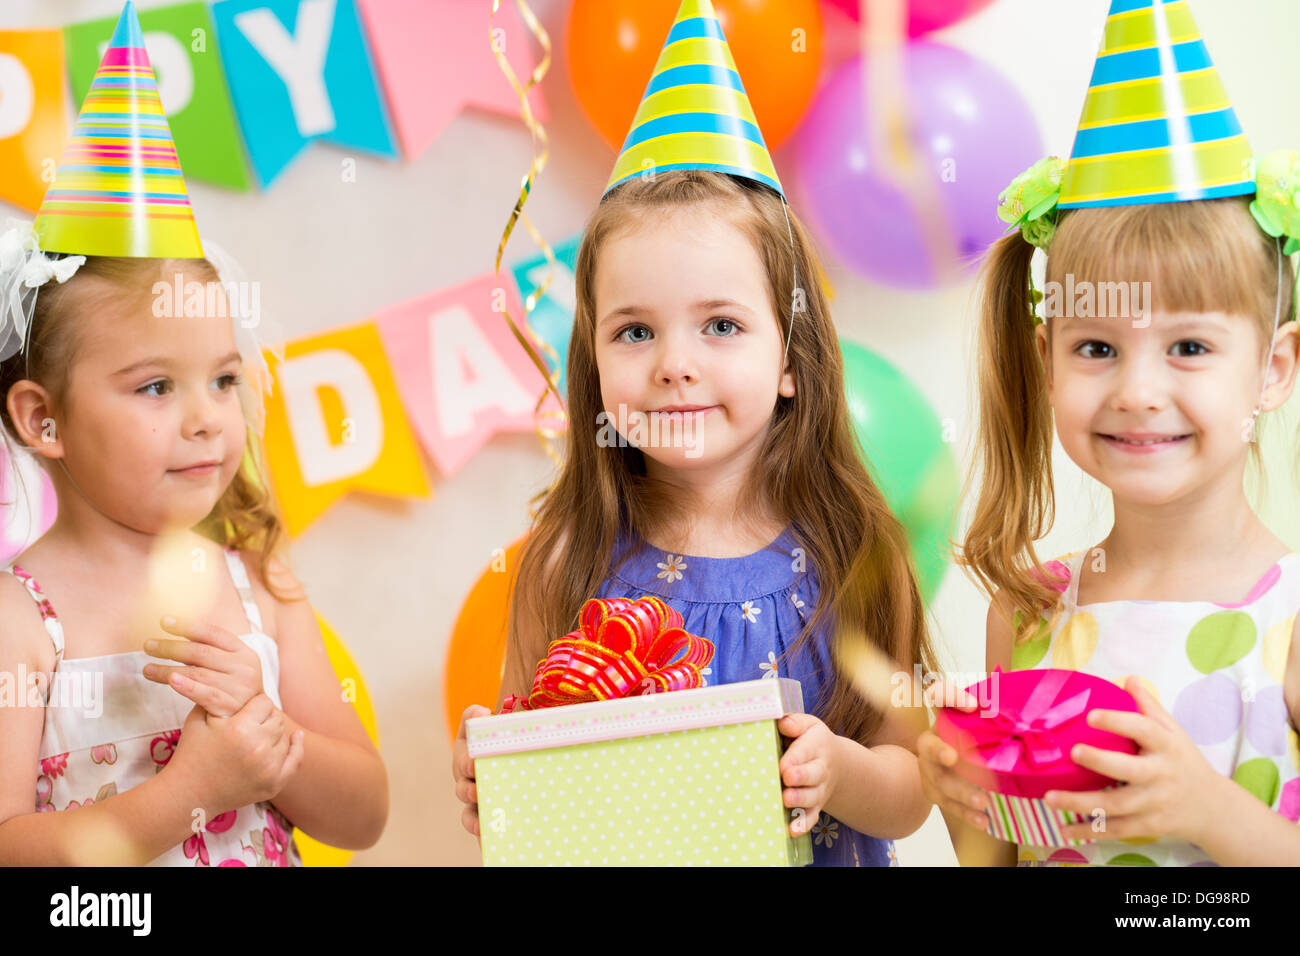 Piuttosto i bambini con doni sulla festa di compleanno Foto Stock